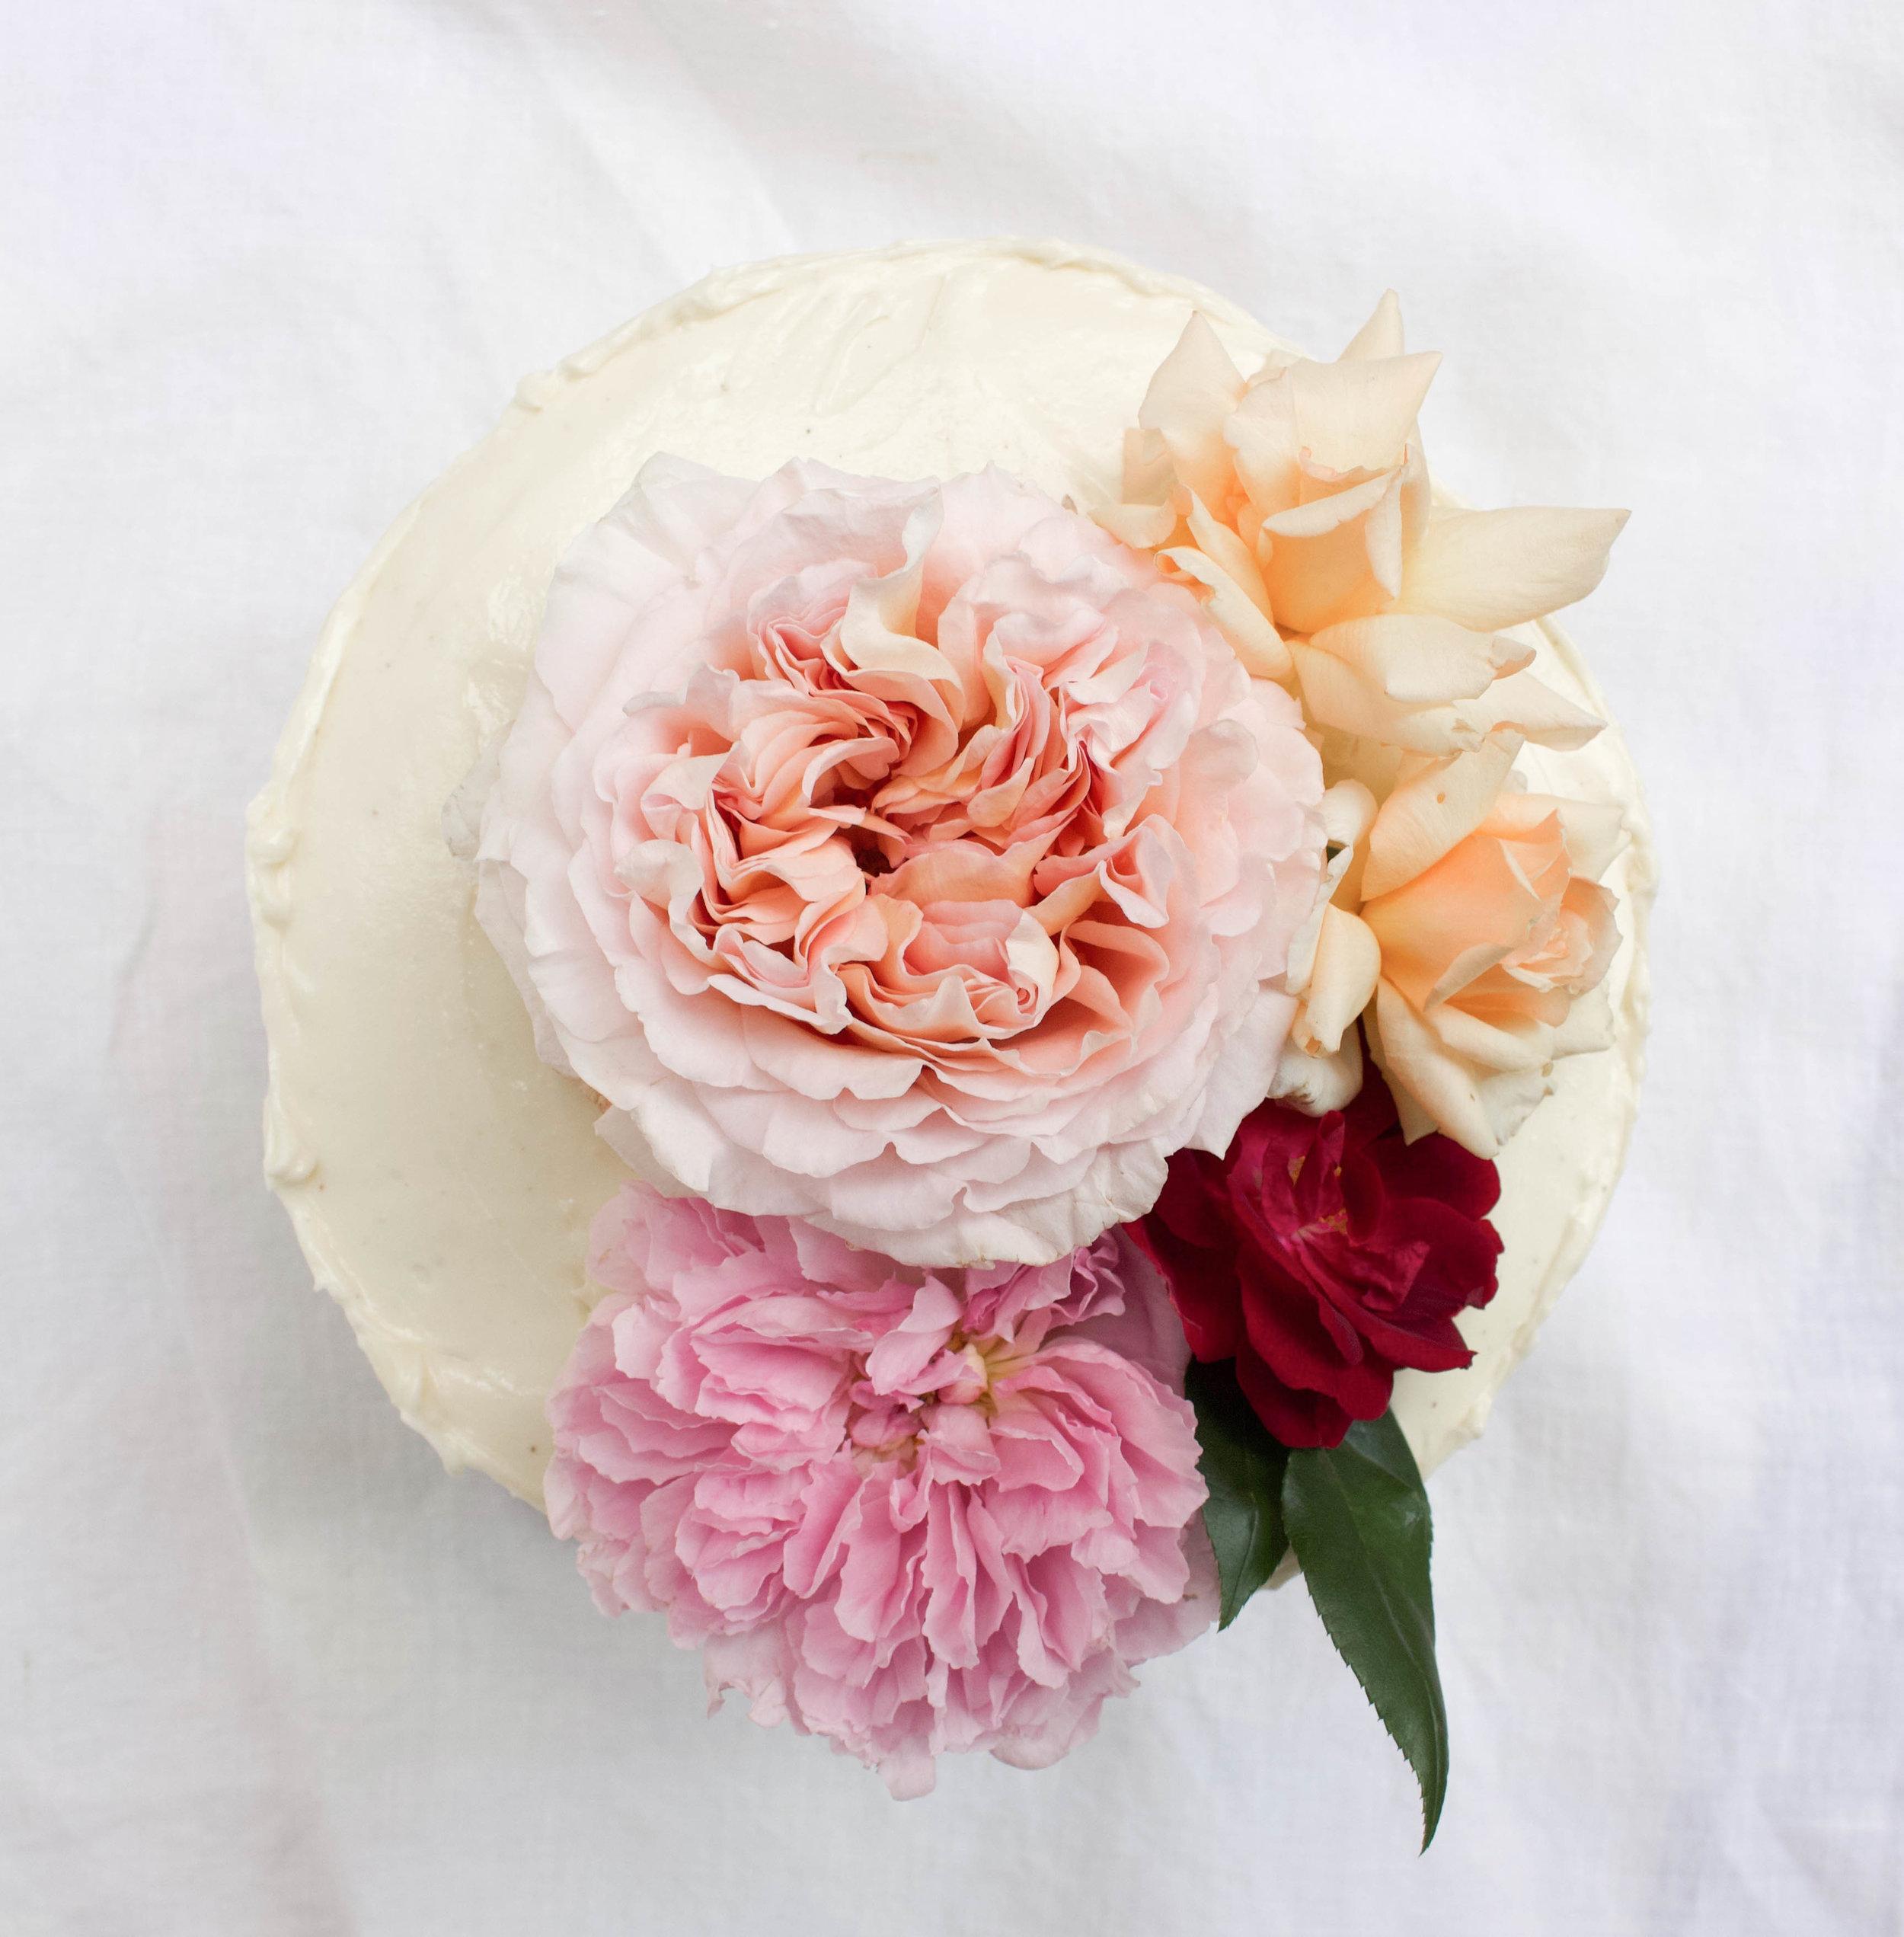 < persian love cake >